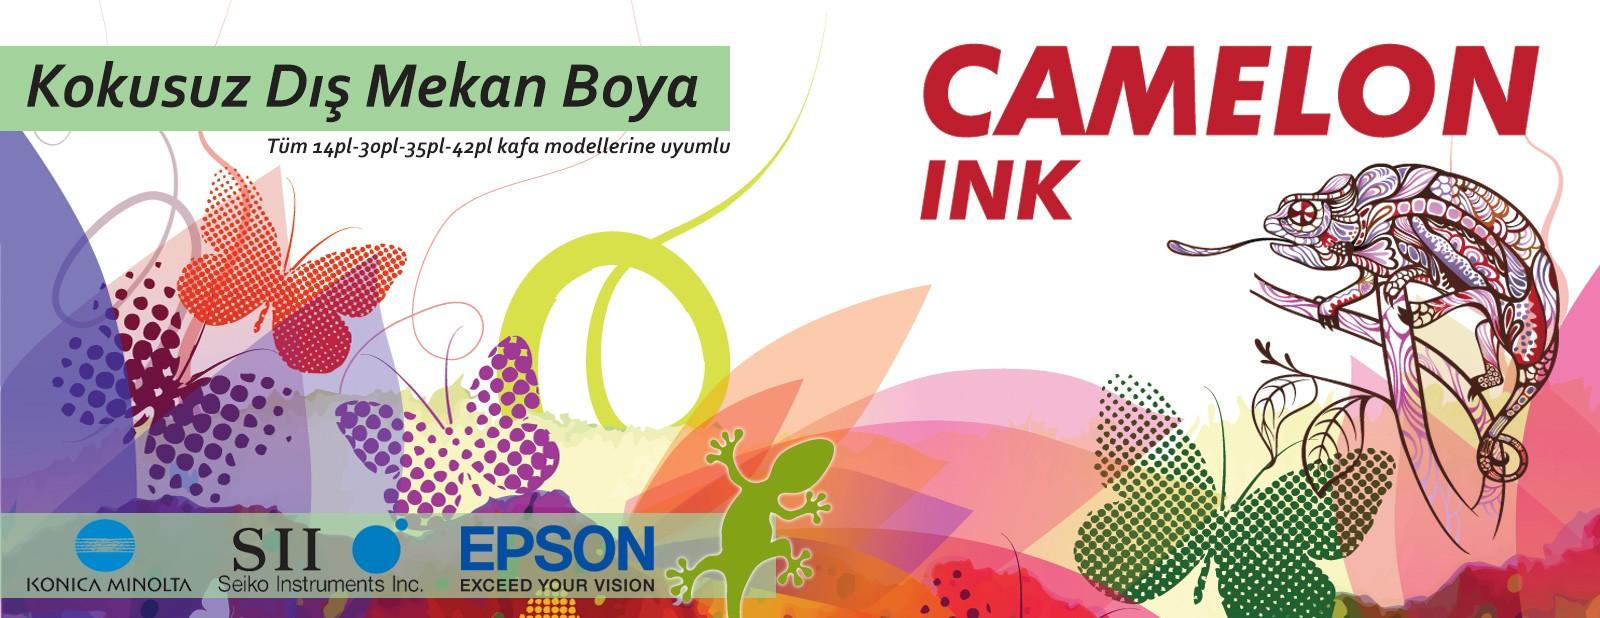 camelon-boya-banner